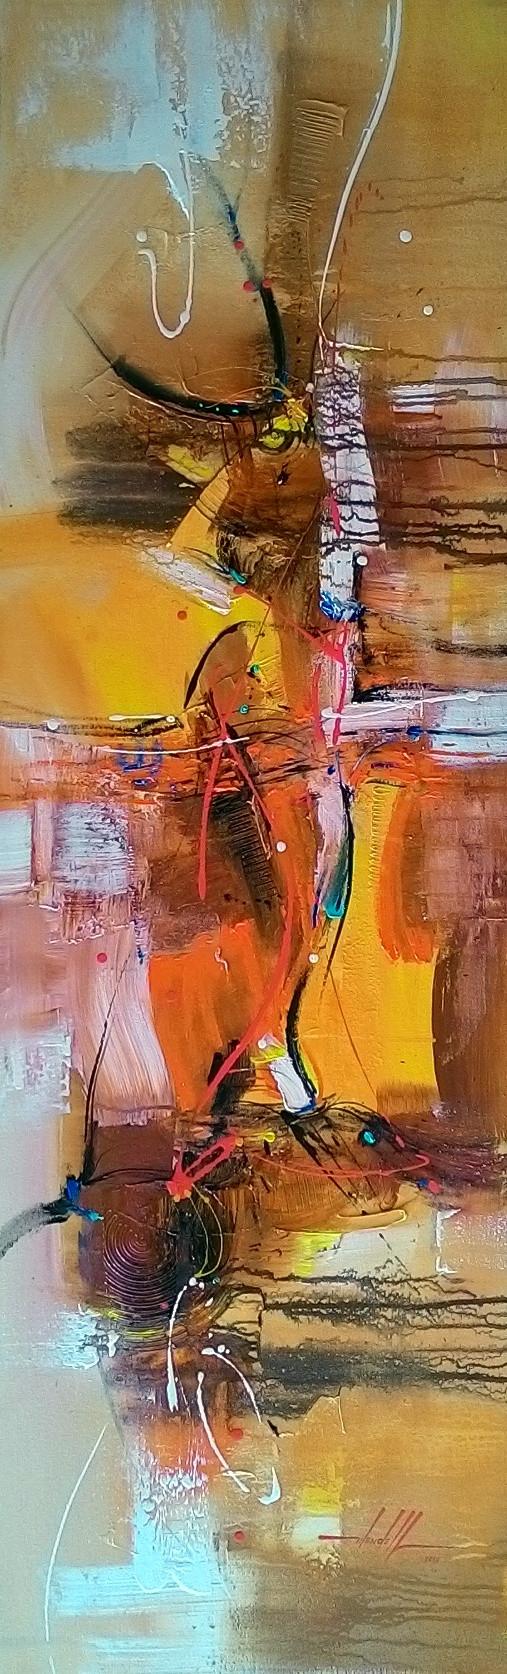 Pintura Abstrata - Quadro Moderno